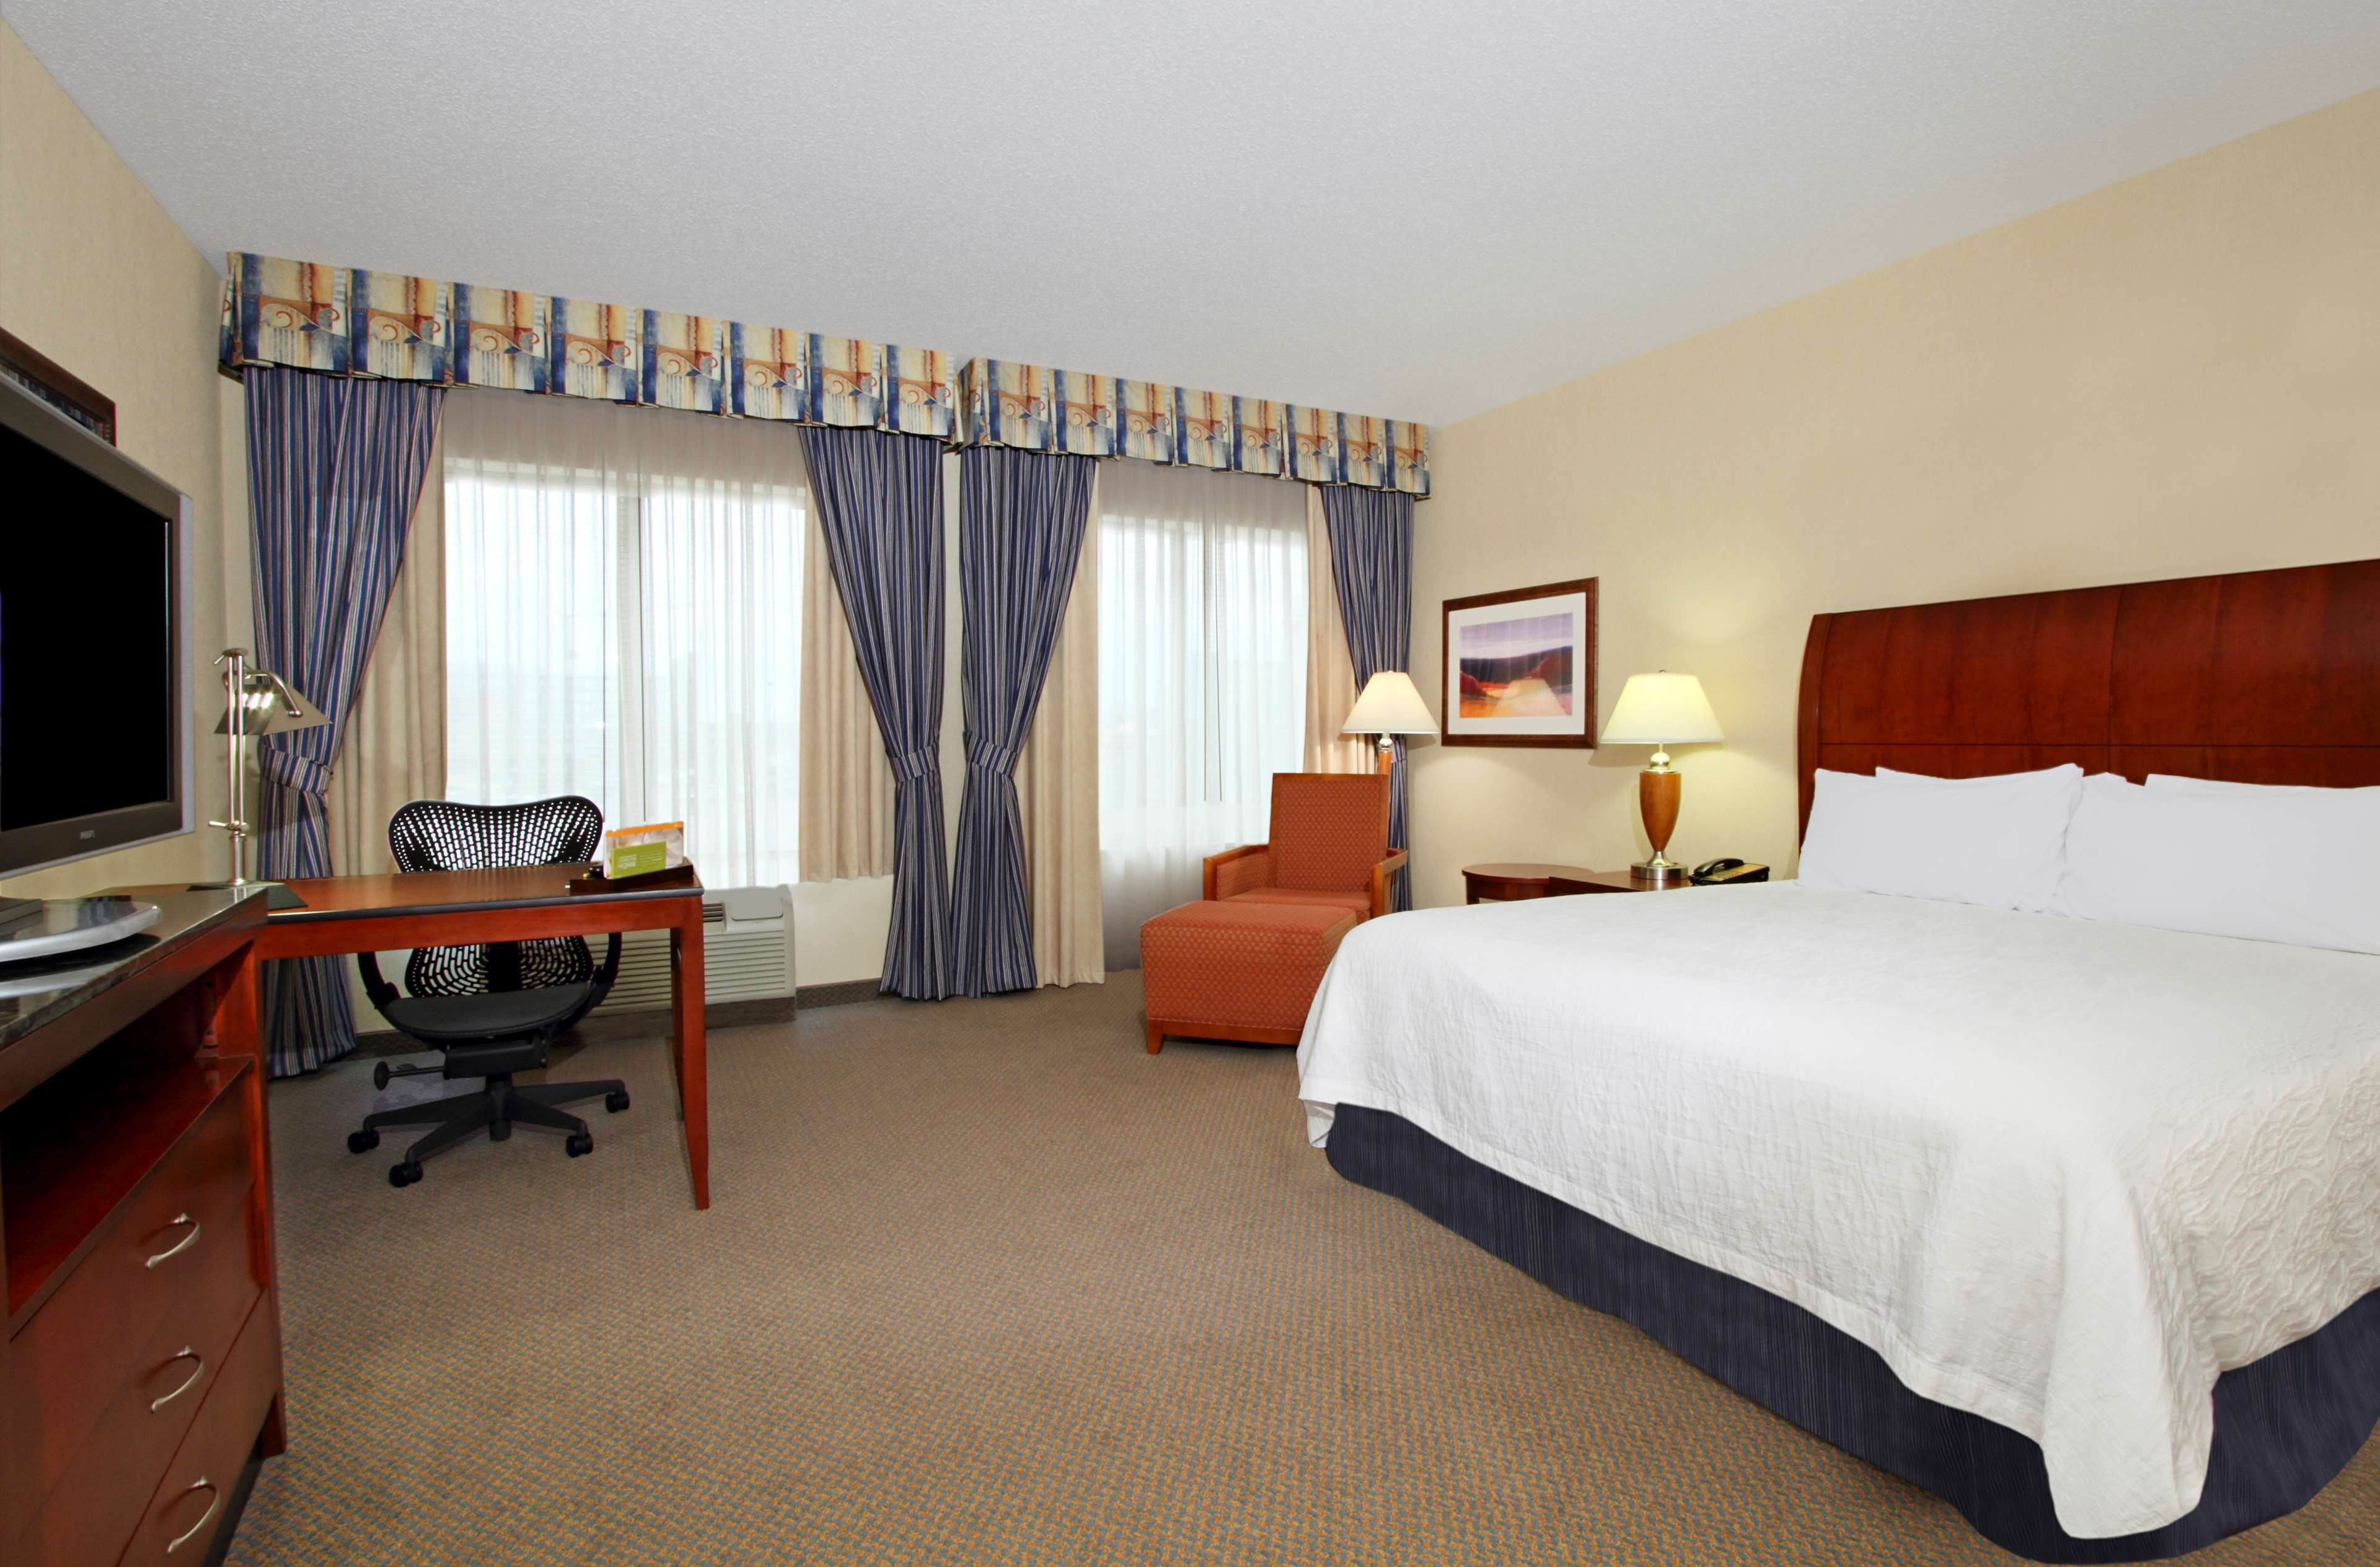 Hilton Garden Inn Columbus-University Area image 23